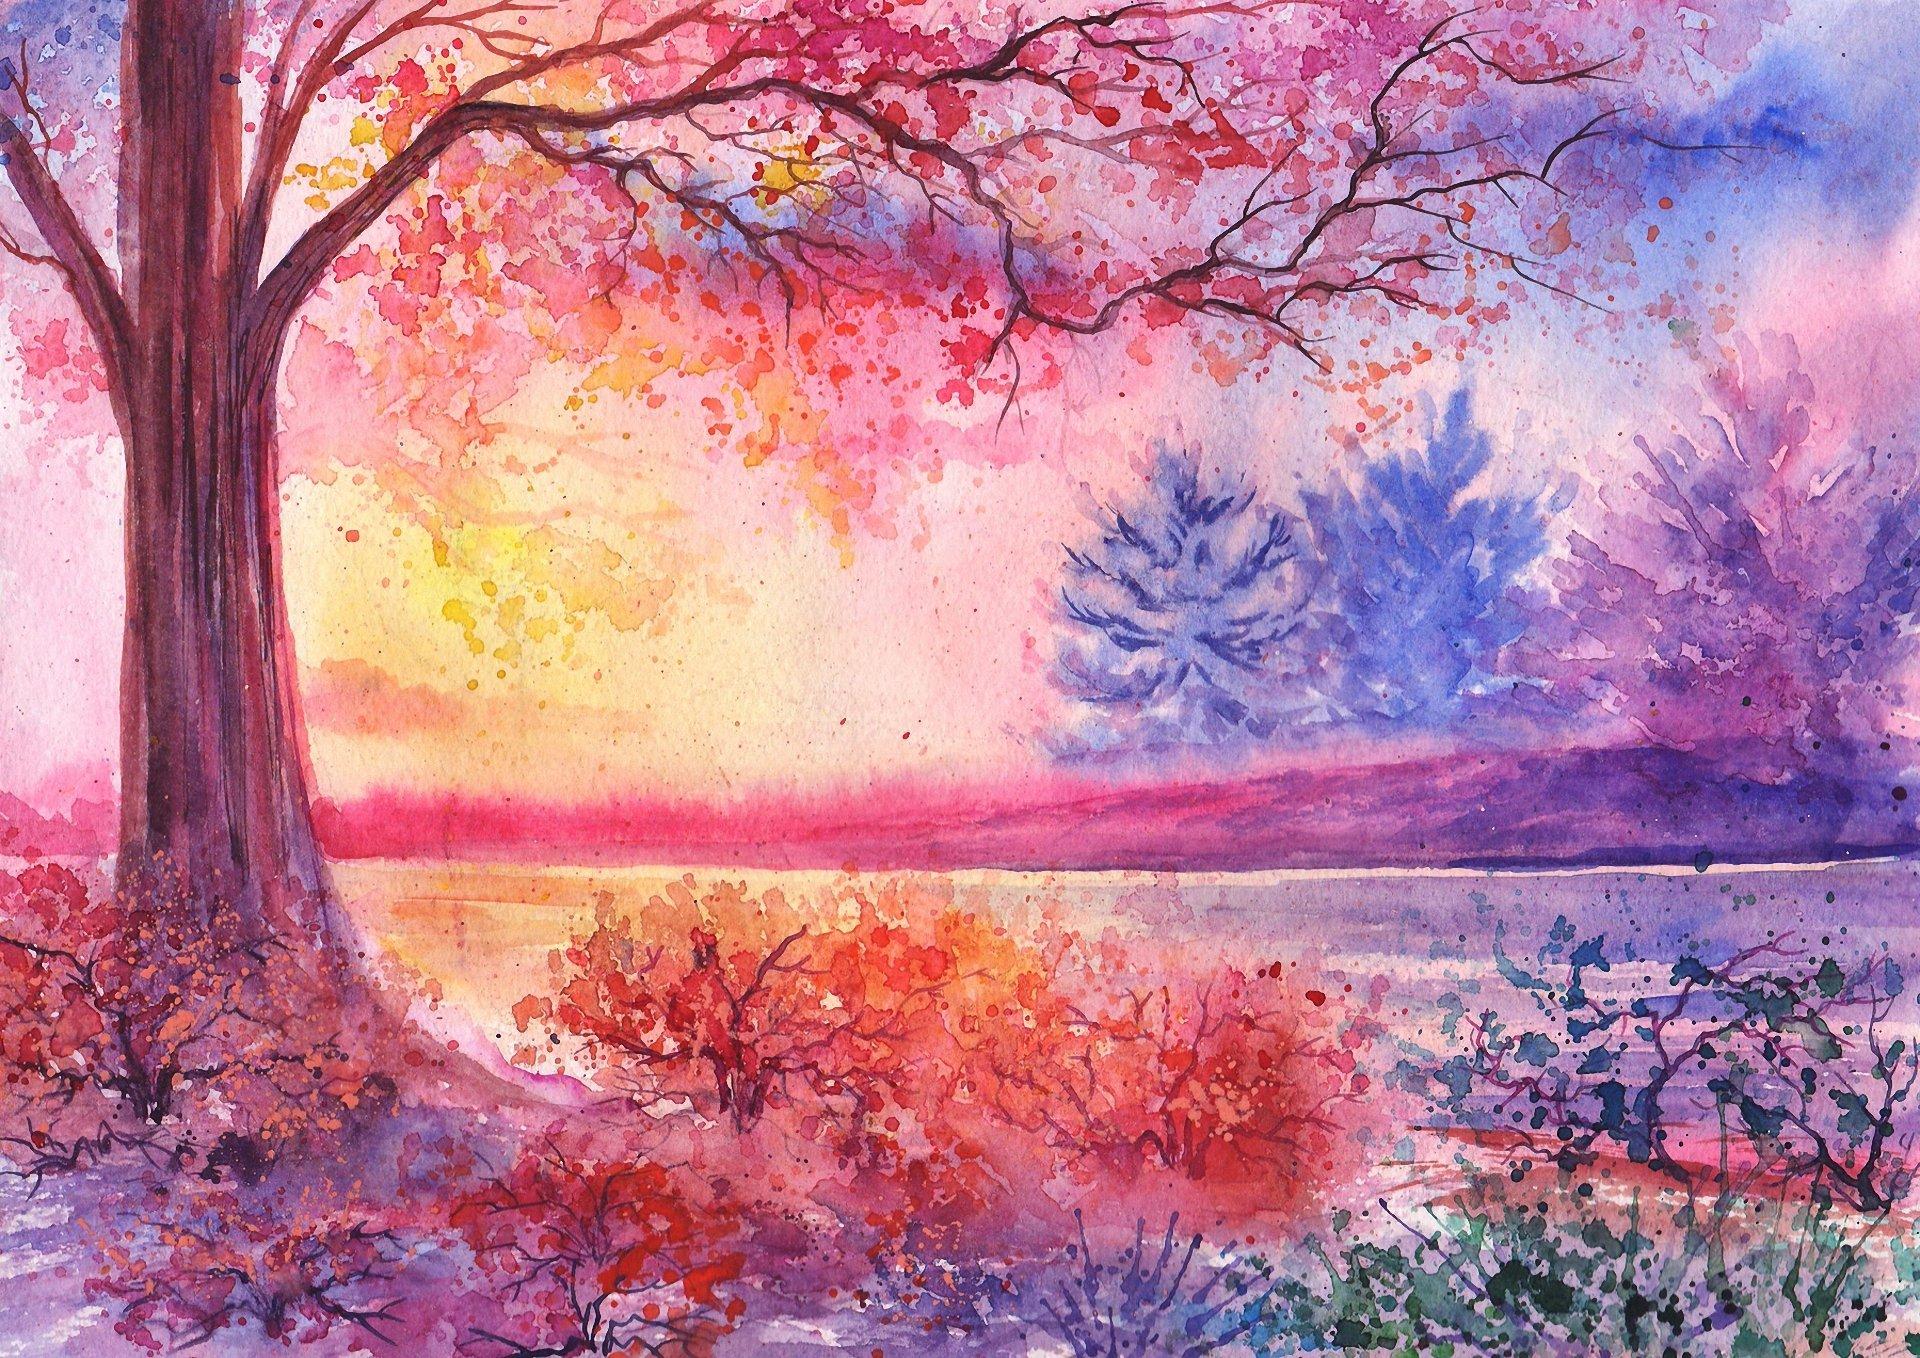 Нарисованные картинки красками легкие и красивые